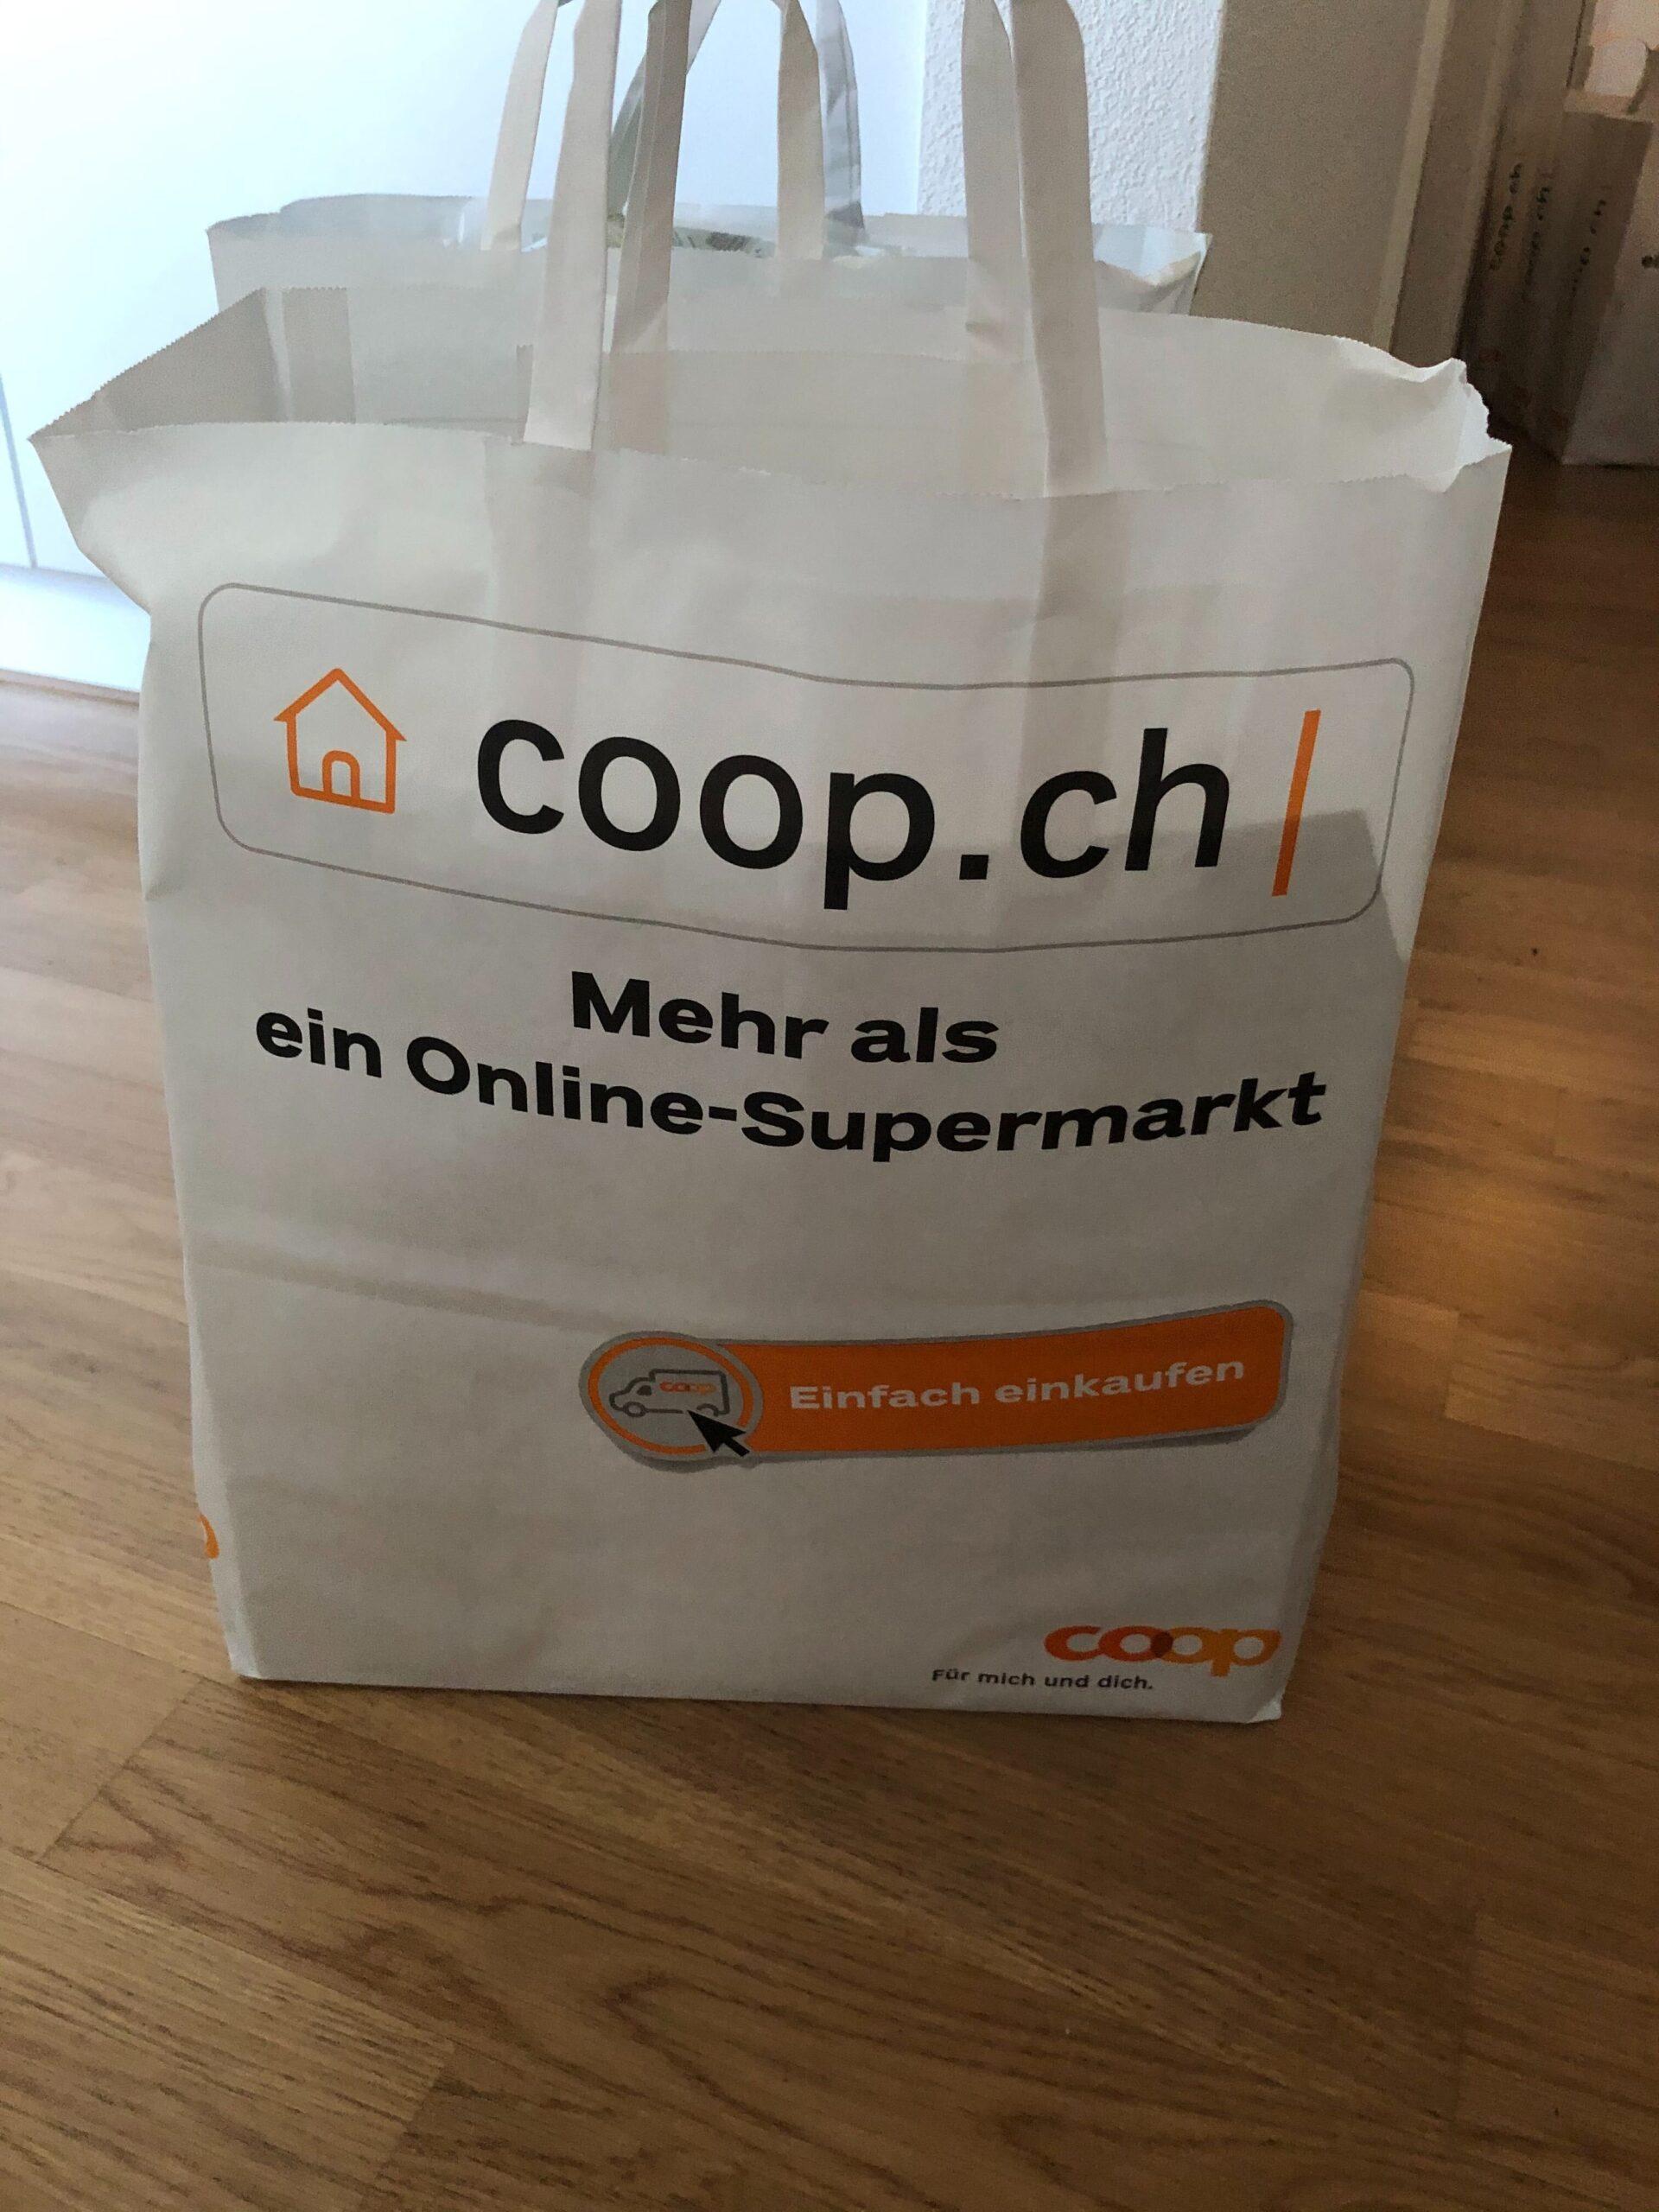 coop@home liefert bereits in coop.ch Taschen aus.